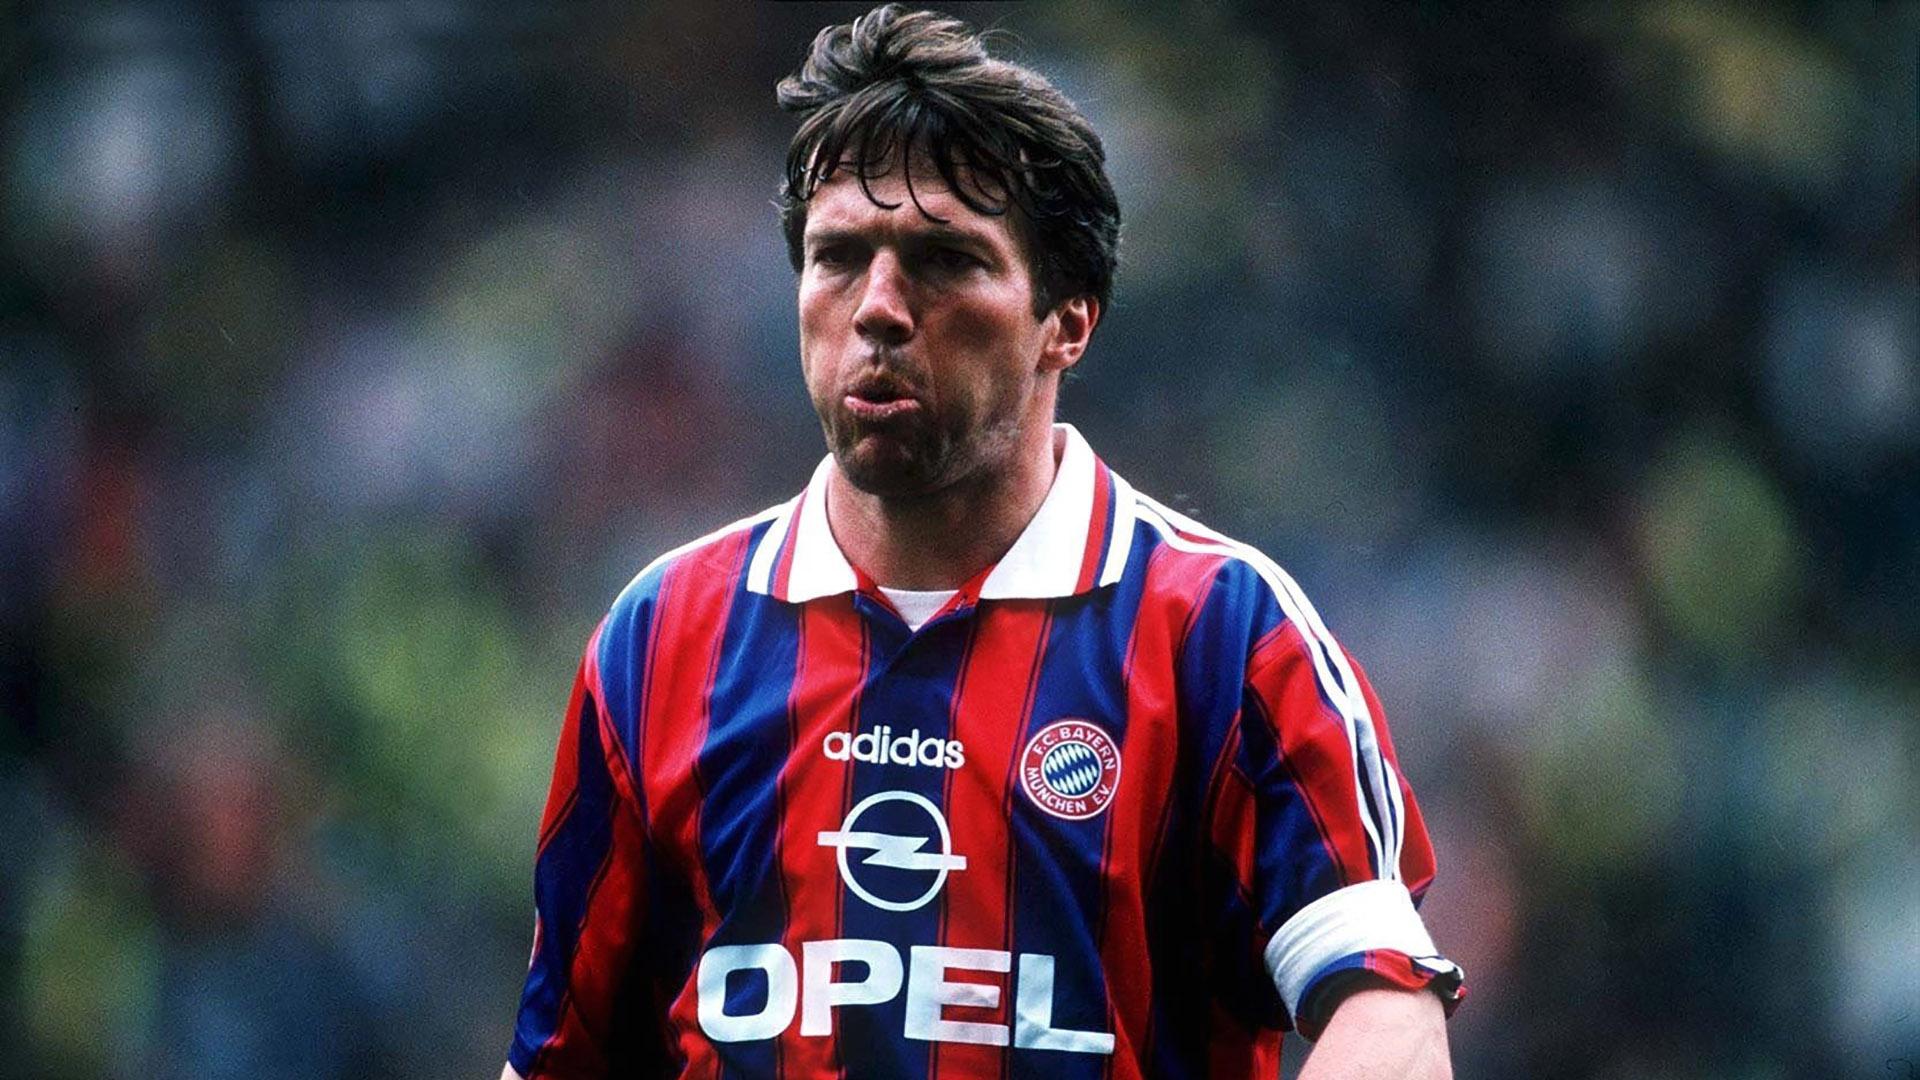 Matthaus Bayern Munich must win Bundesliga